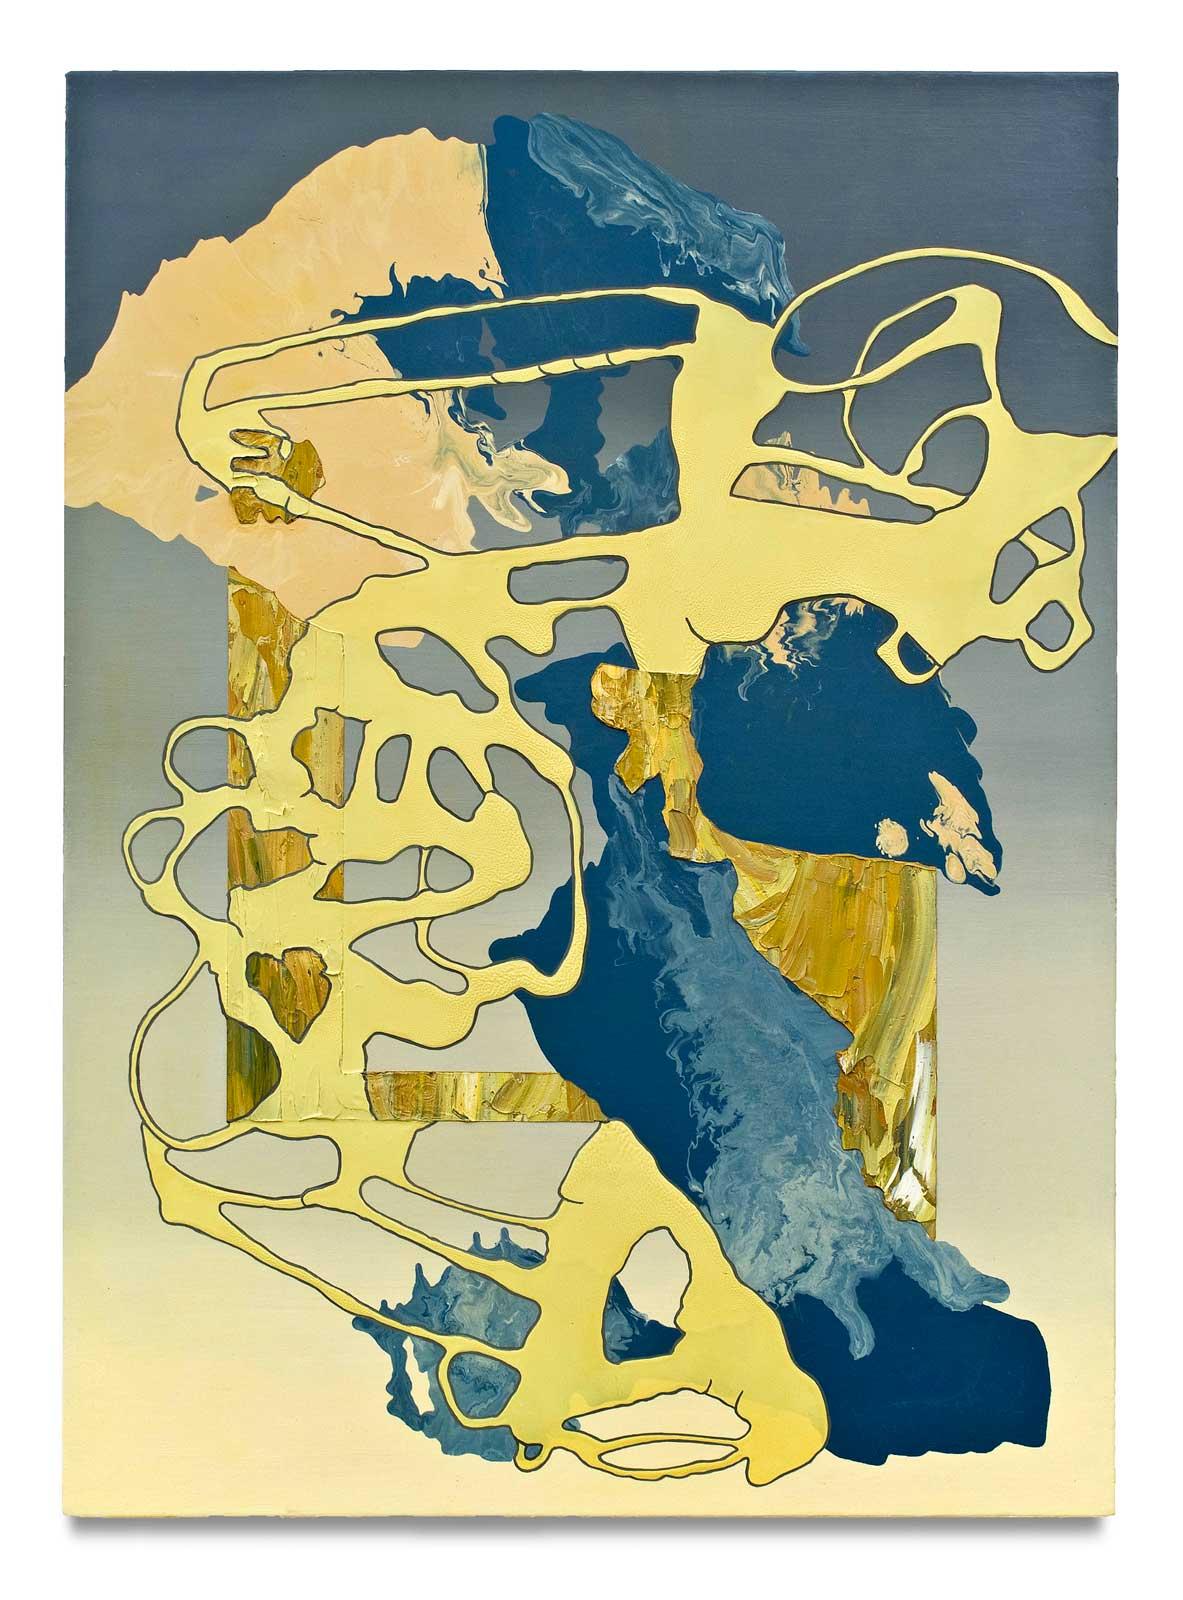 Dawn-oil-on-canvas-111.76 cm x 81.28 cm.